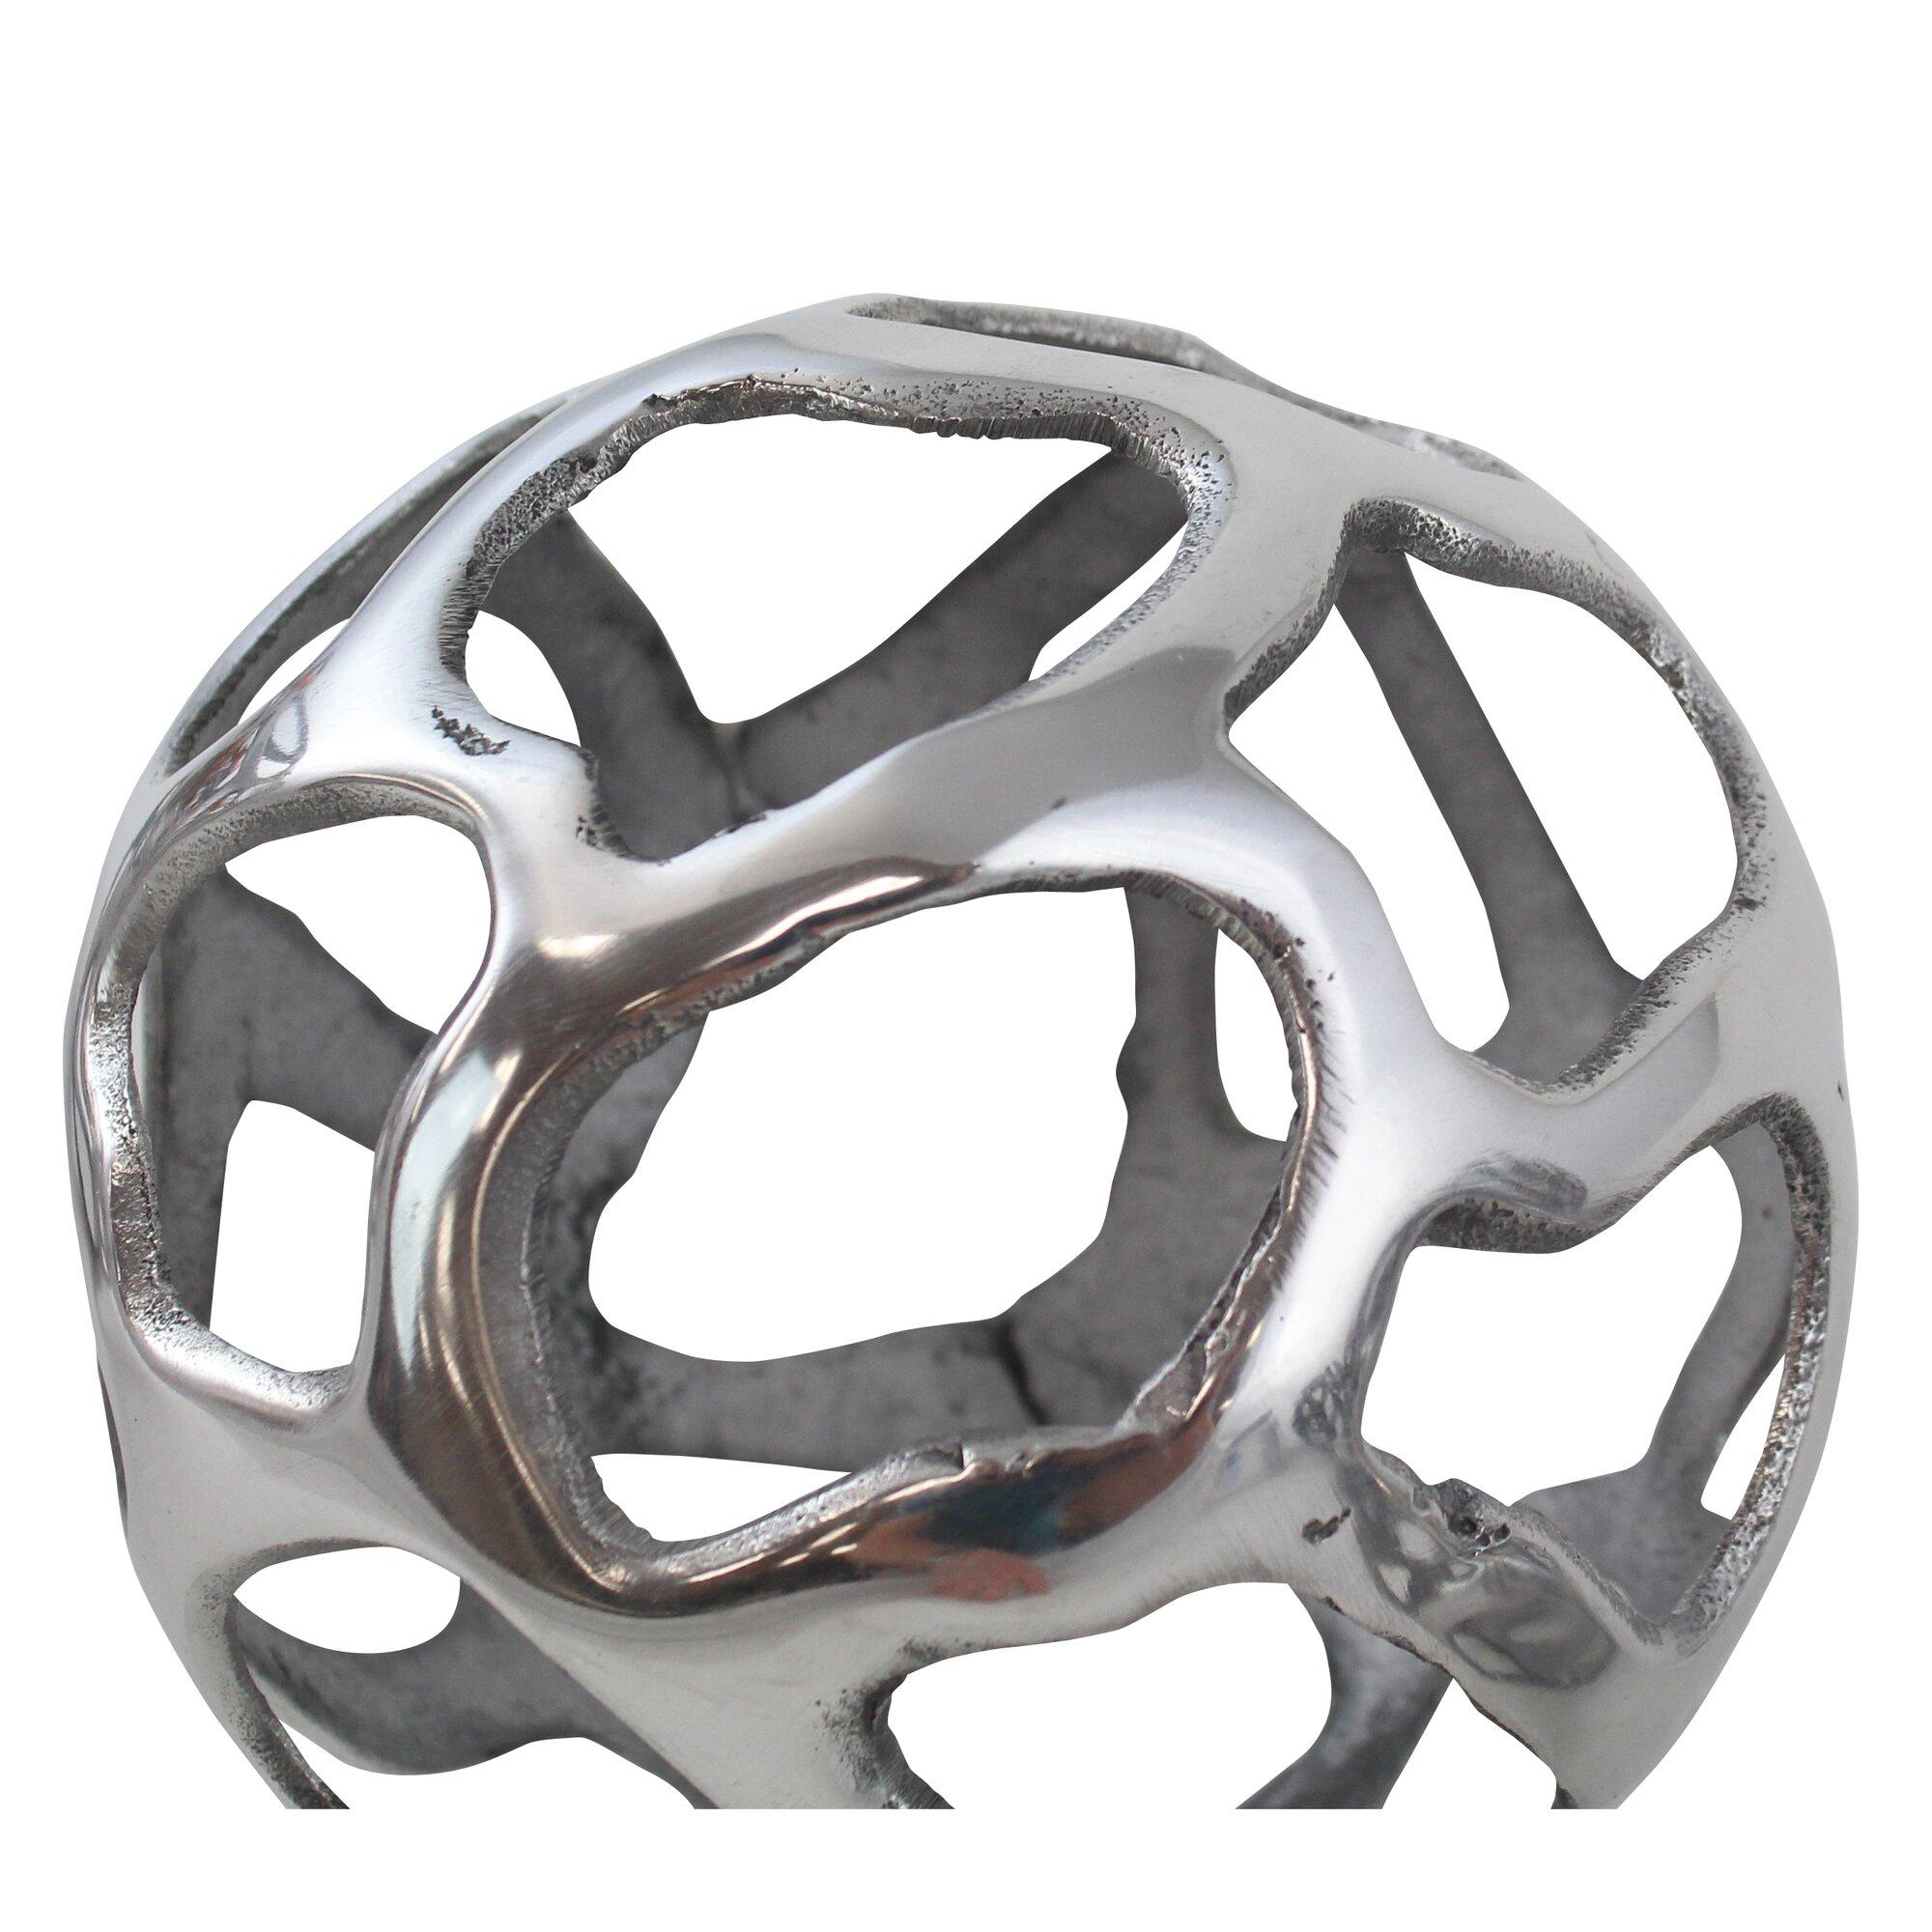 3 piece decorative orbs sculpture set - Decorative Orbs